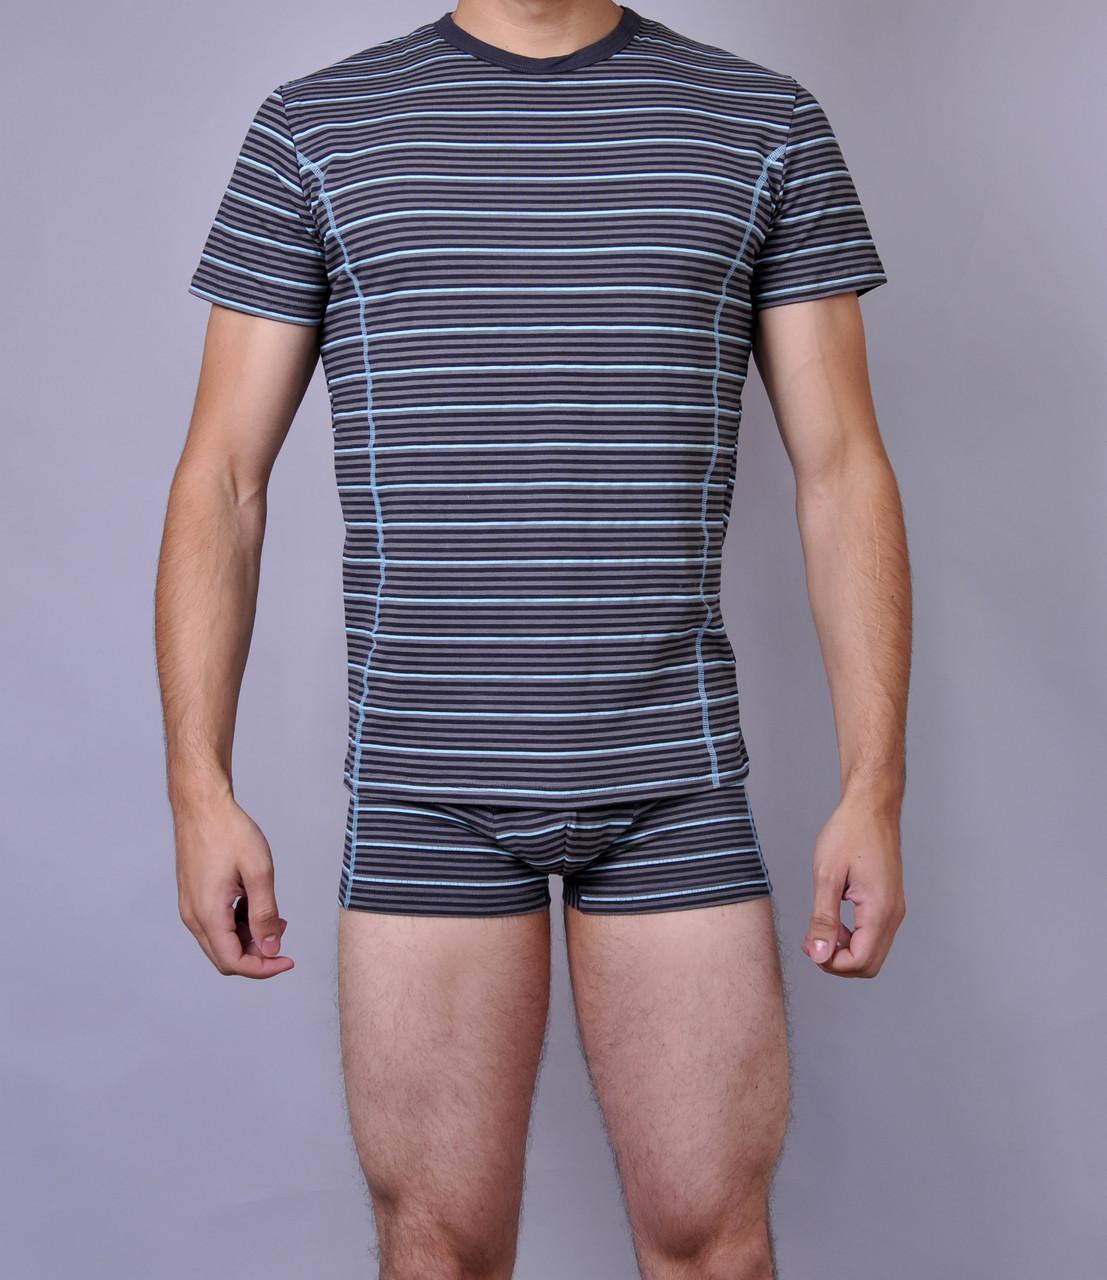 Мужские футболки (хлопок) полоска